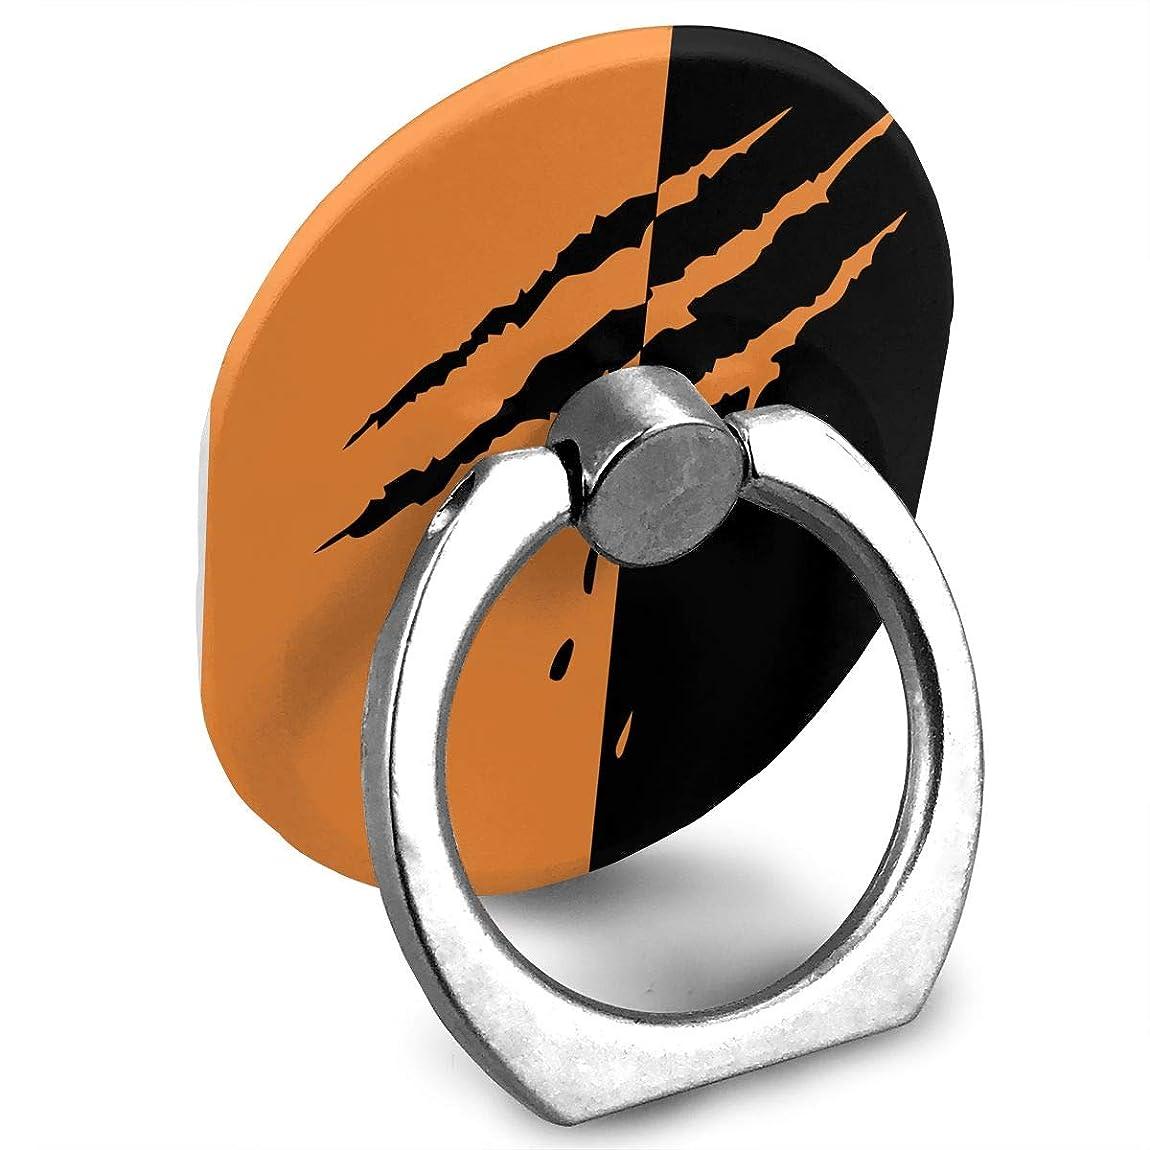 満足できる徹底についてブラックオレンジ 傷跡 プリント スマホリング 薄型 楕円 スマホ りんぐ ホルダー 強吸着力 落下防止 携帯リング 360° 角度調整 IPhone/Android各種他対応